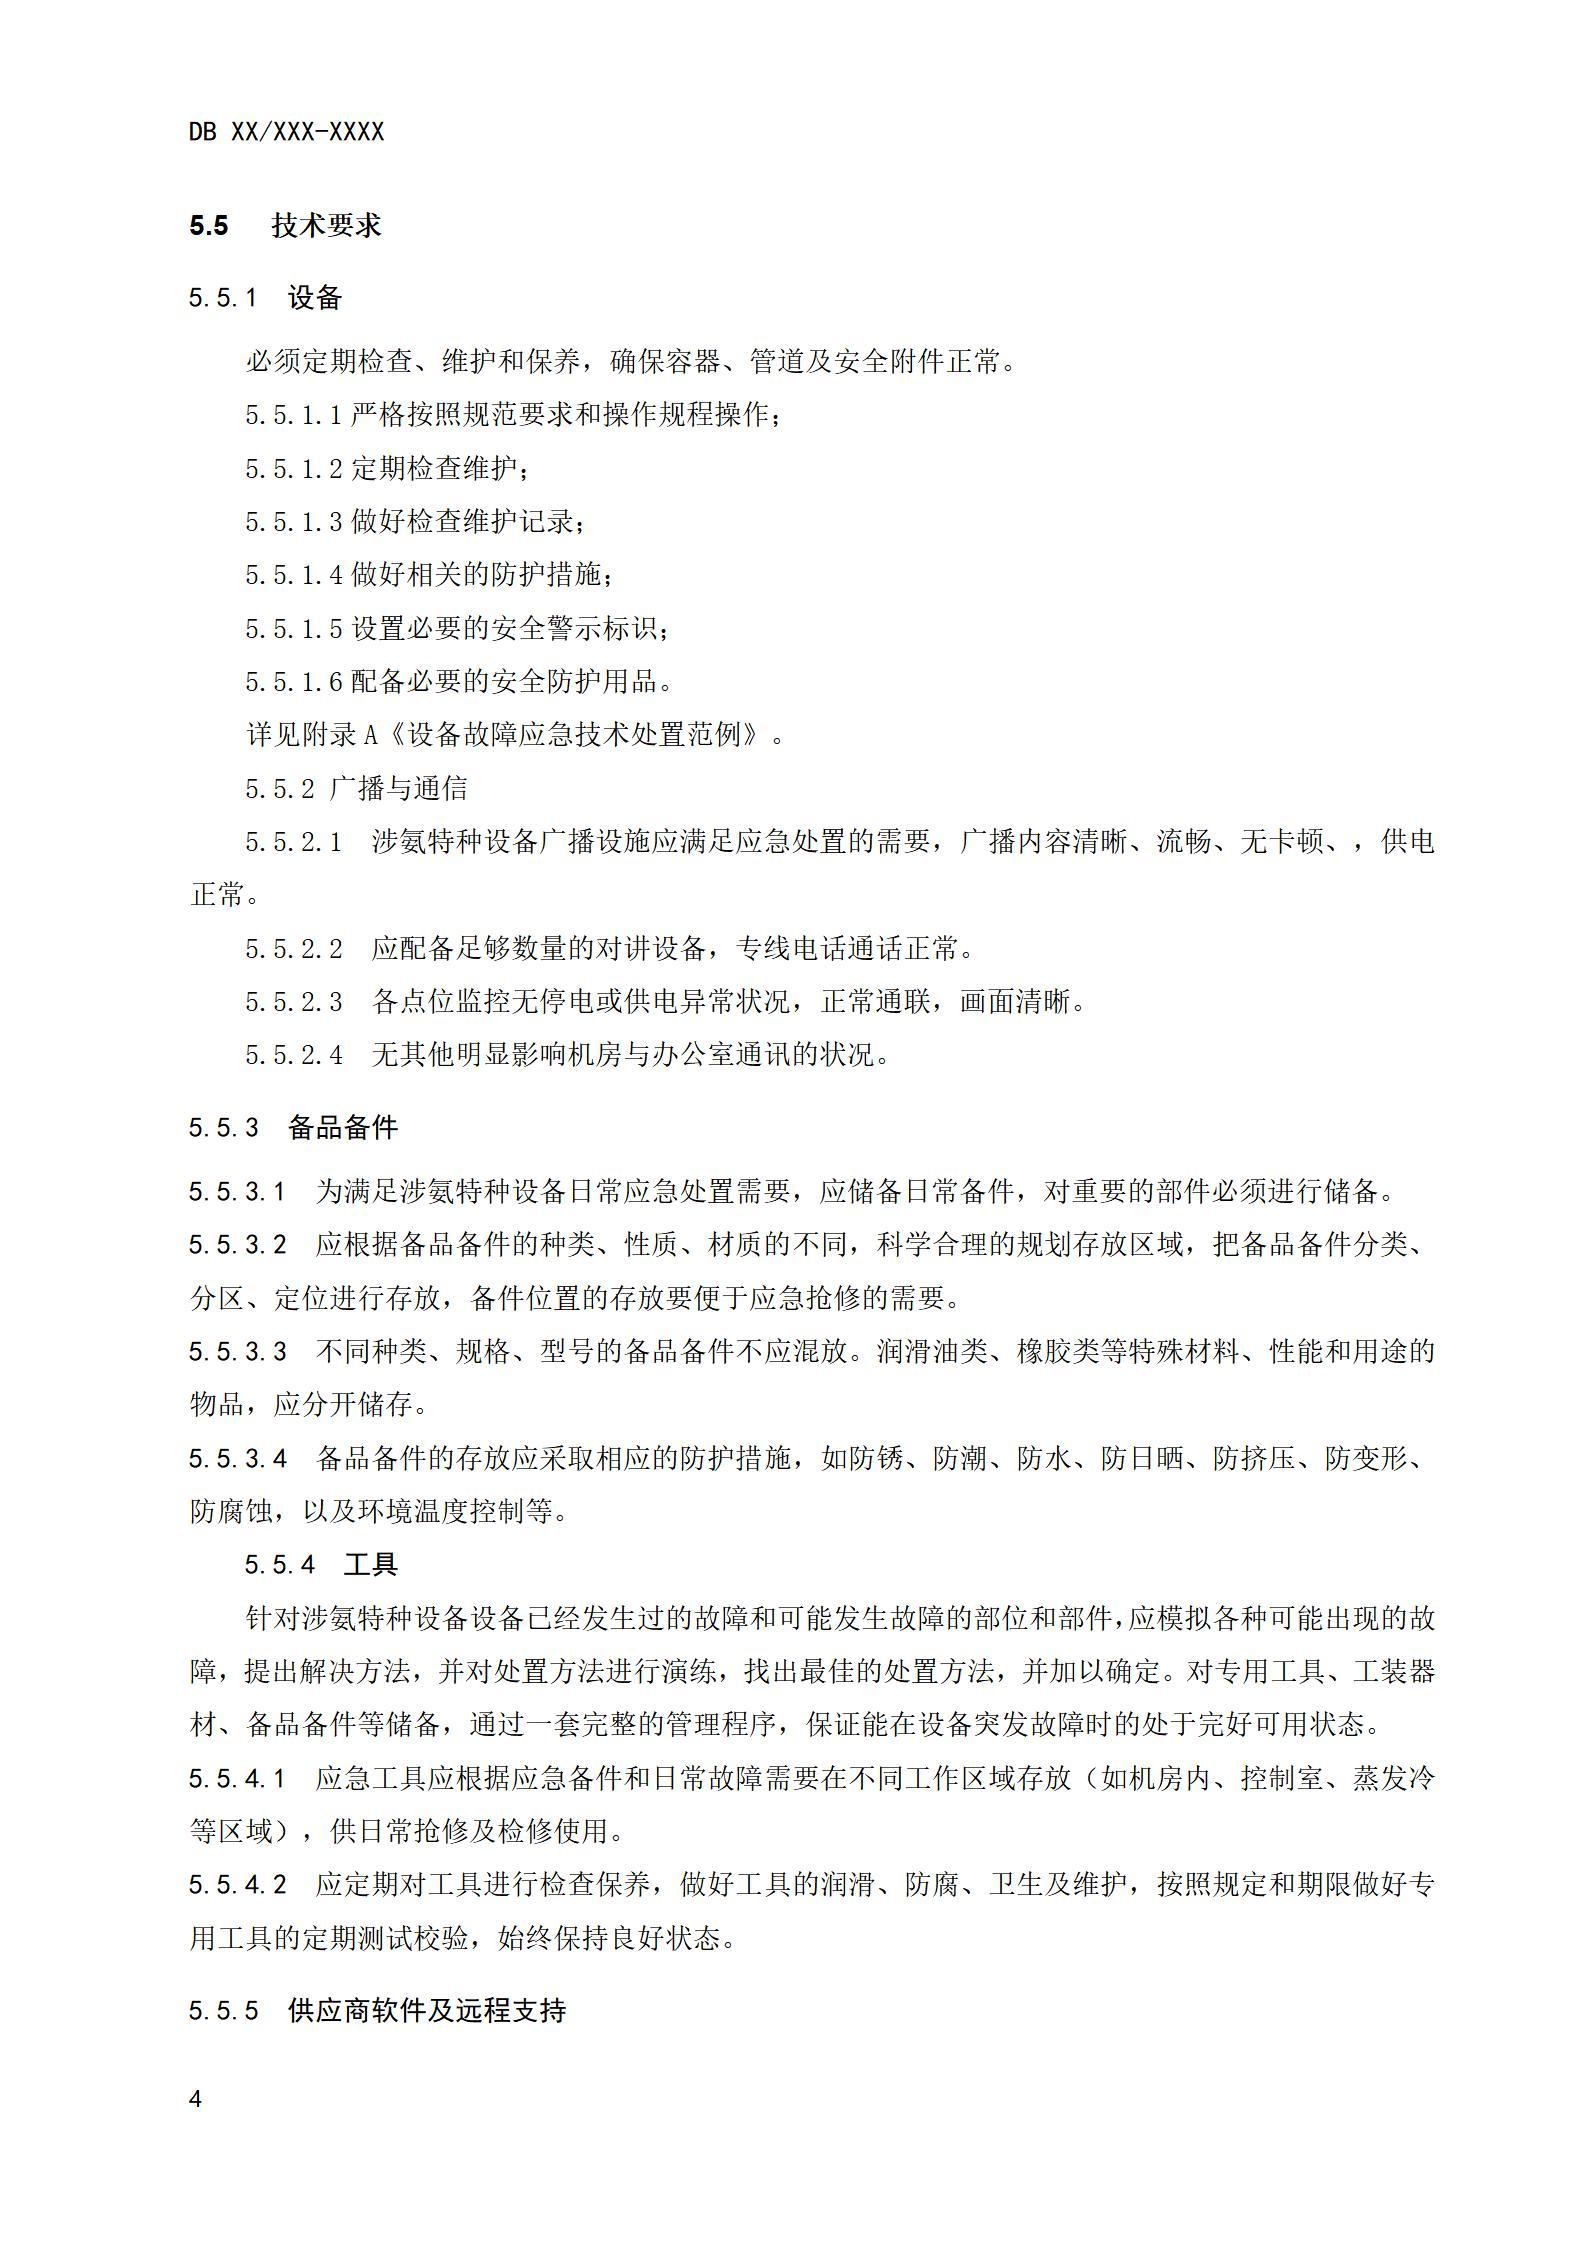 涉氨特种设备应急处置技术规范(修订)(1)_10.jpg